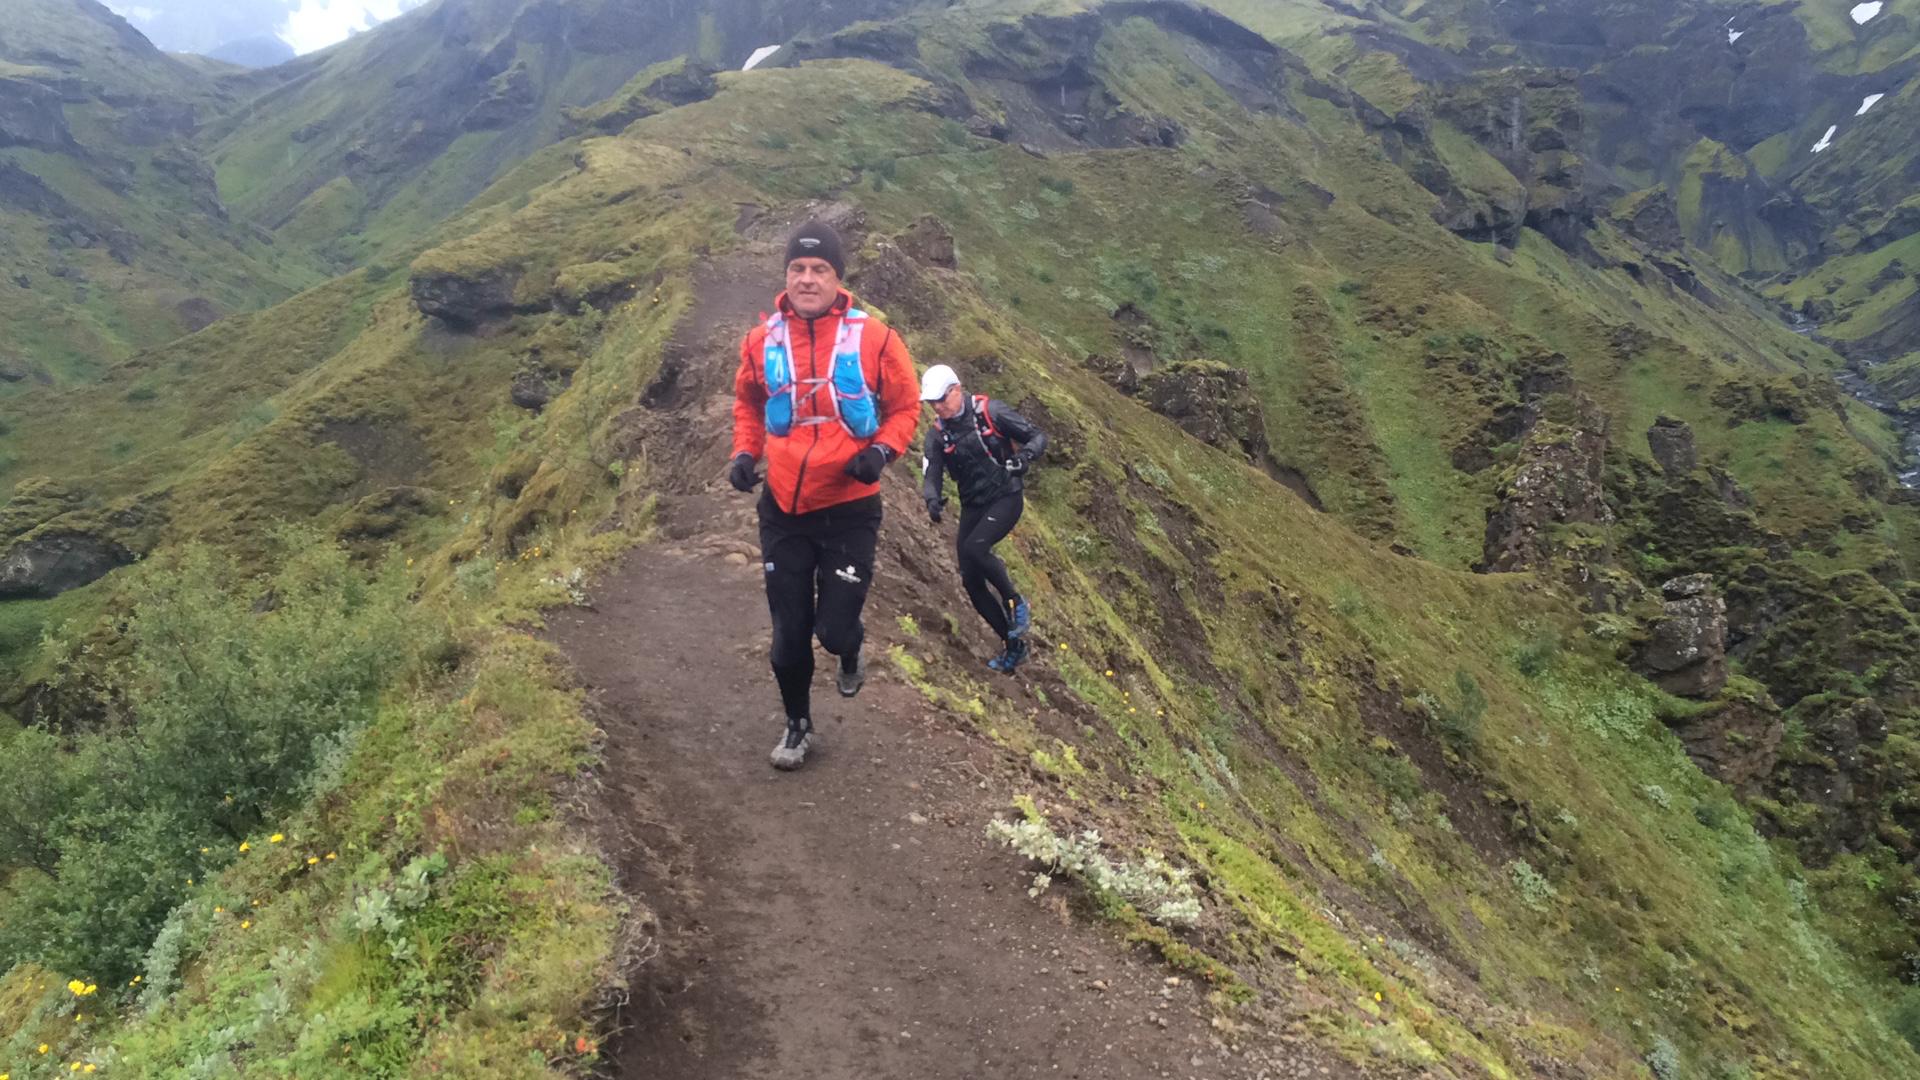 Running on a Mountain ridge